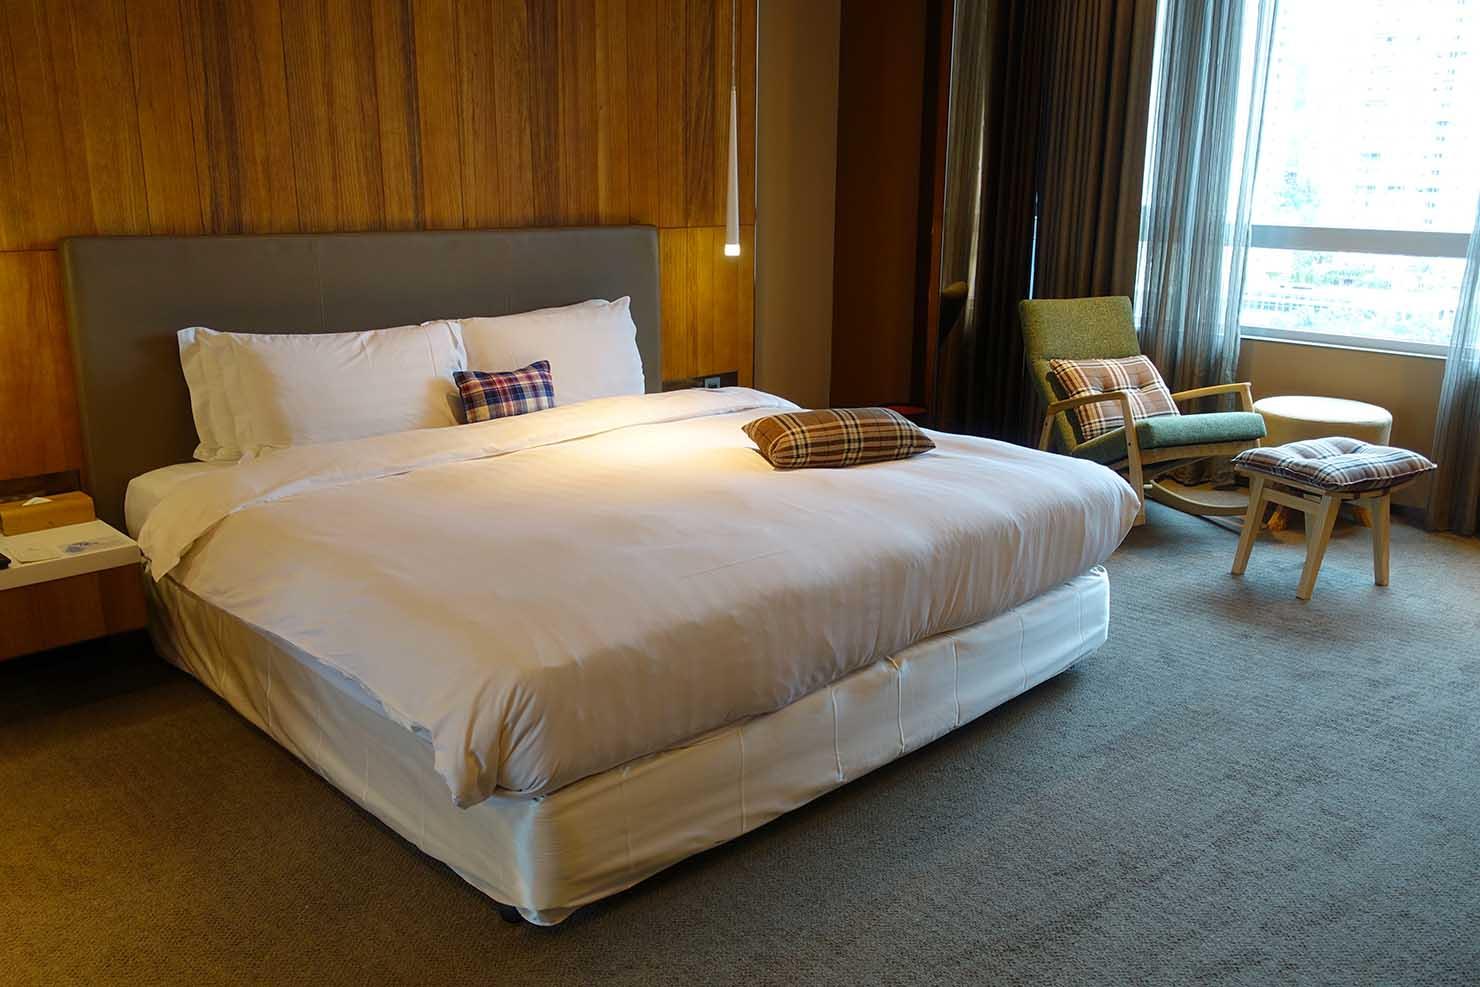 台北・信義區のLGBTに人気のハイクラスホテル「home hotel」逸寬套房(エクストラオーディナリー・スイート)のダブルベッド